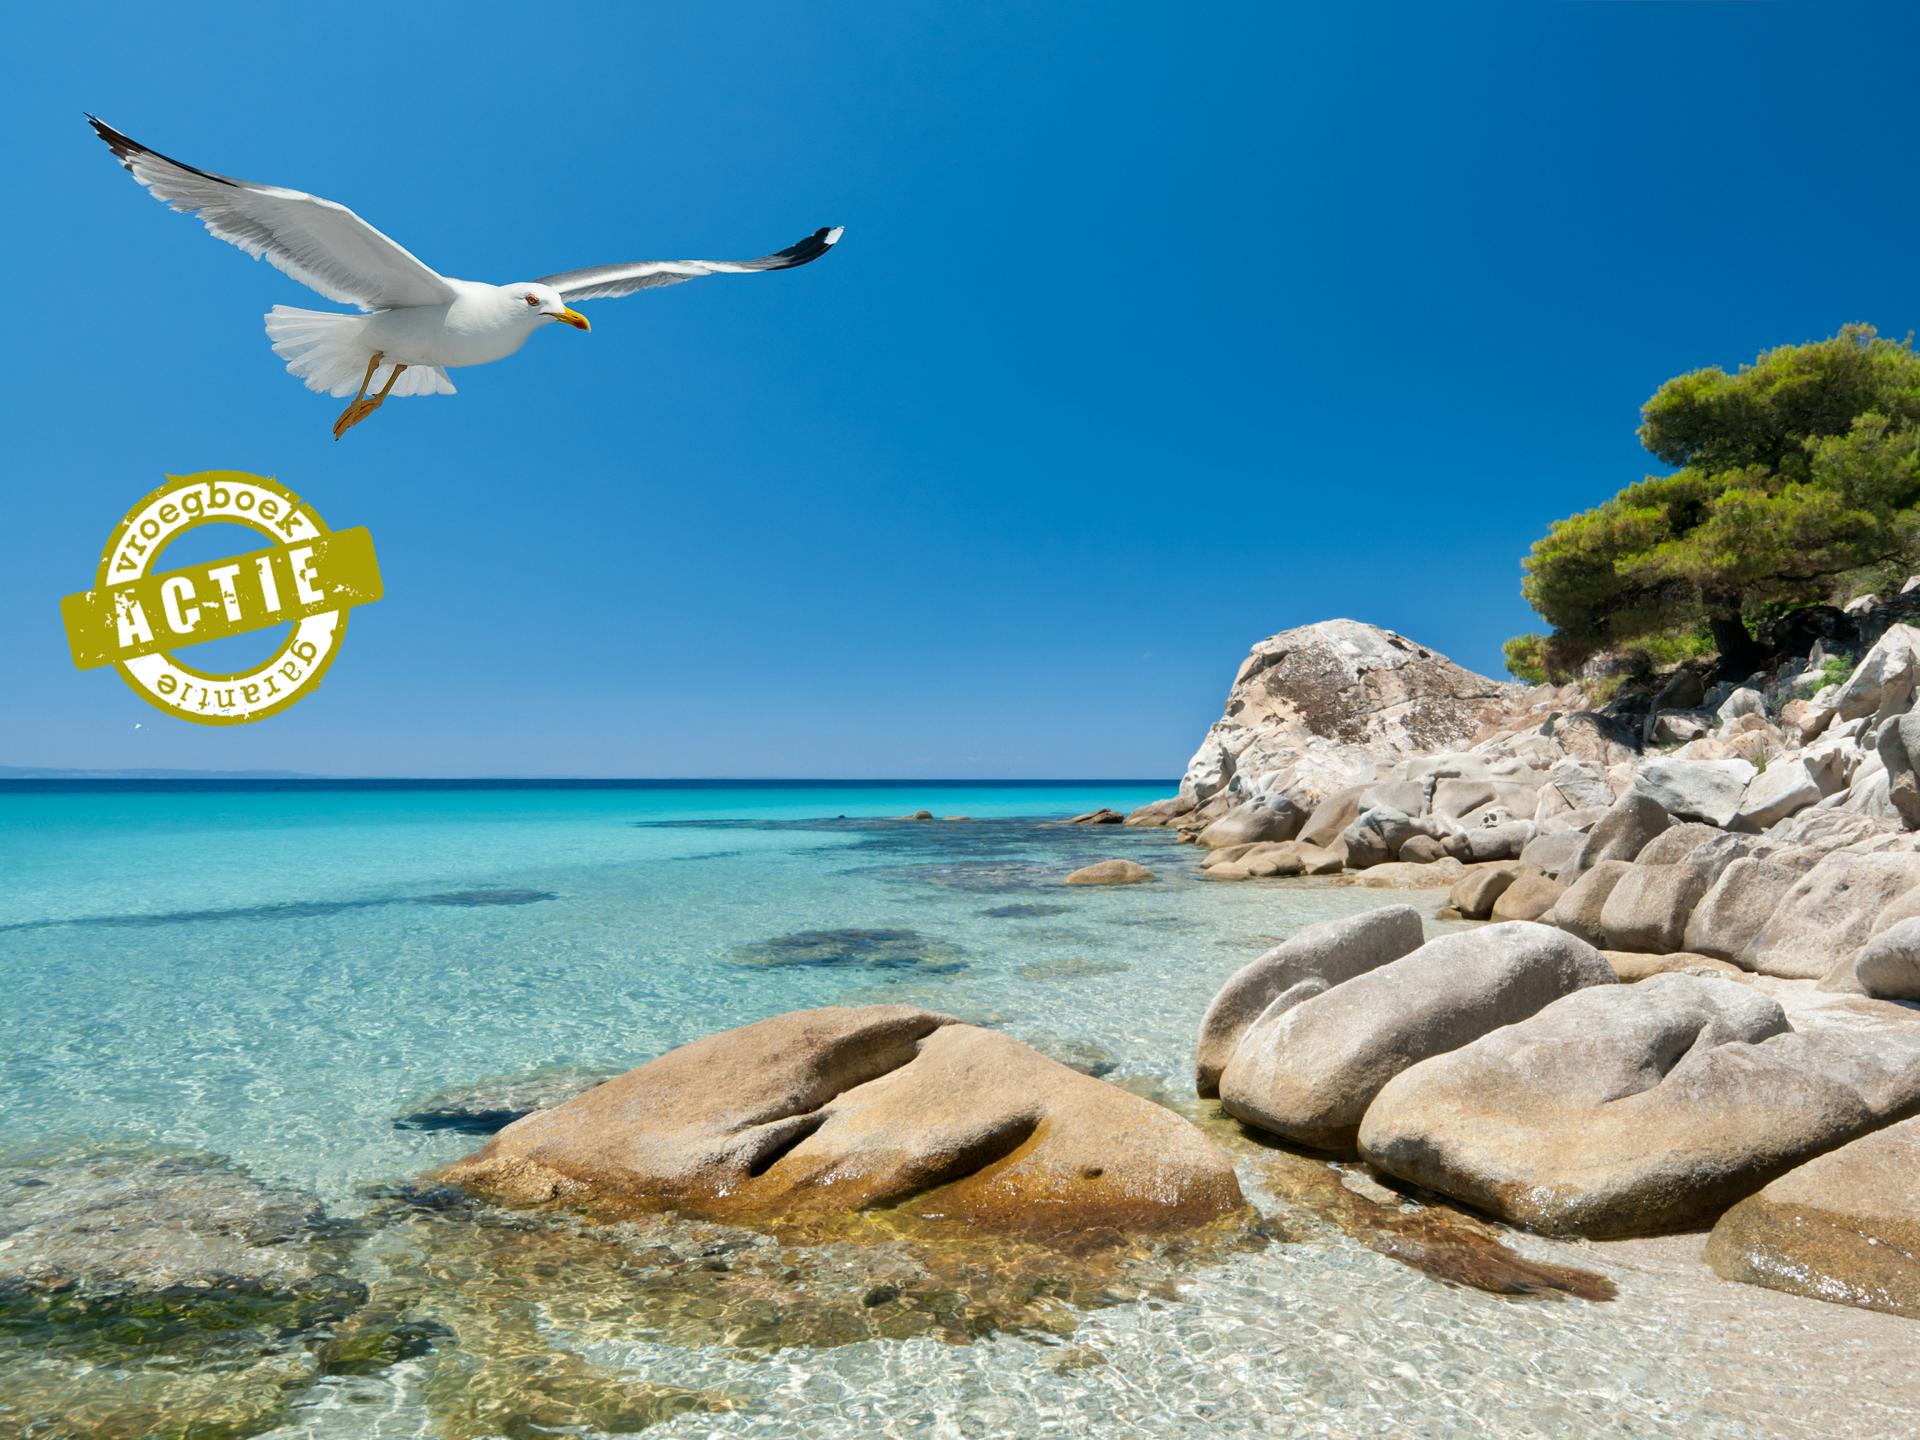 Boek nu jouw vakantie voor deze zomer en maak gebruik van geweldige voorwaarden.